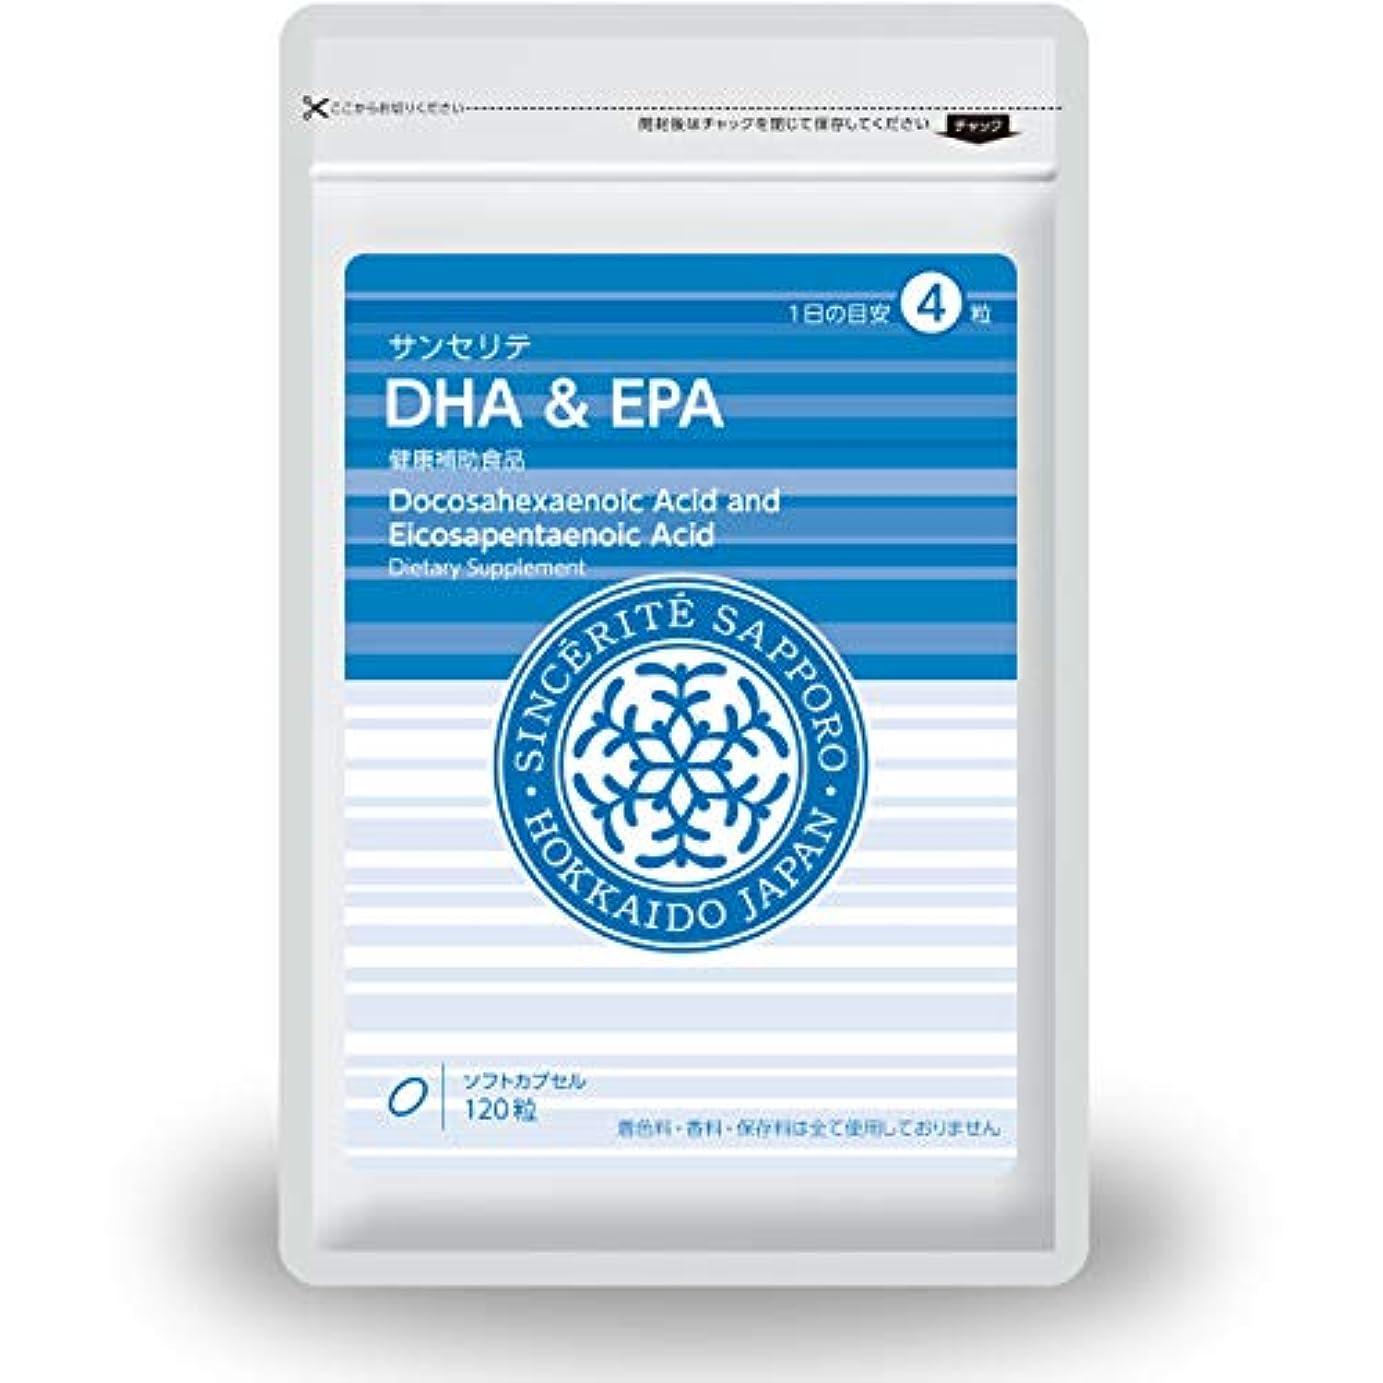 シーケンスペデスタルピューDHA&EPA[送料無料][DHA]433mg配合[国内製造]しっかり★30日分